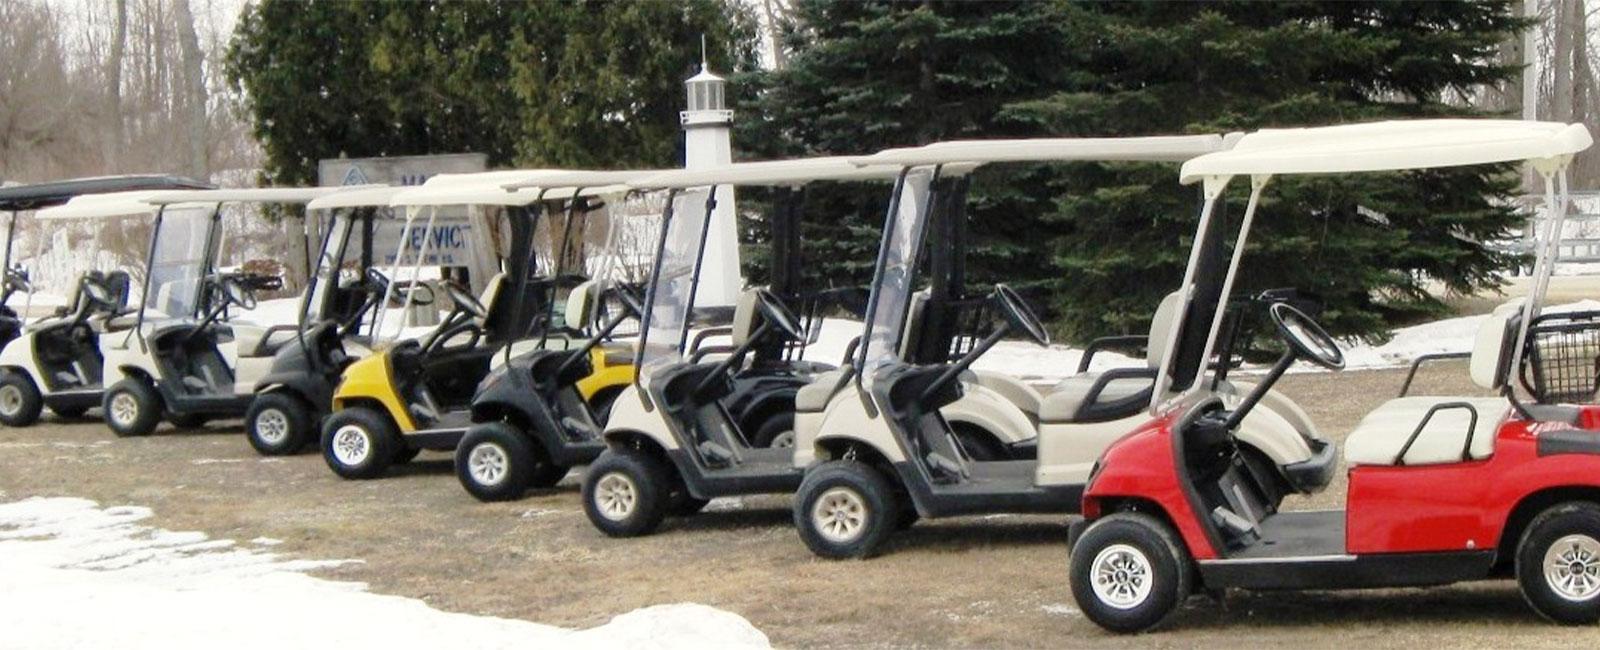 North Country Carts, LLC